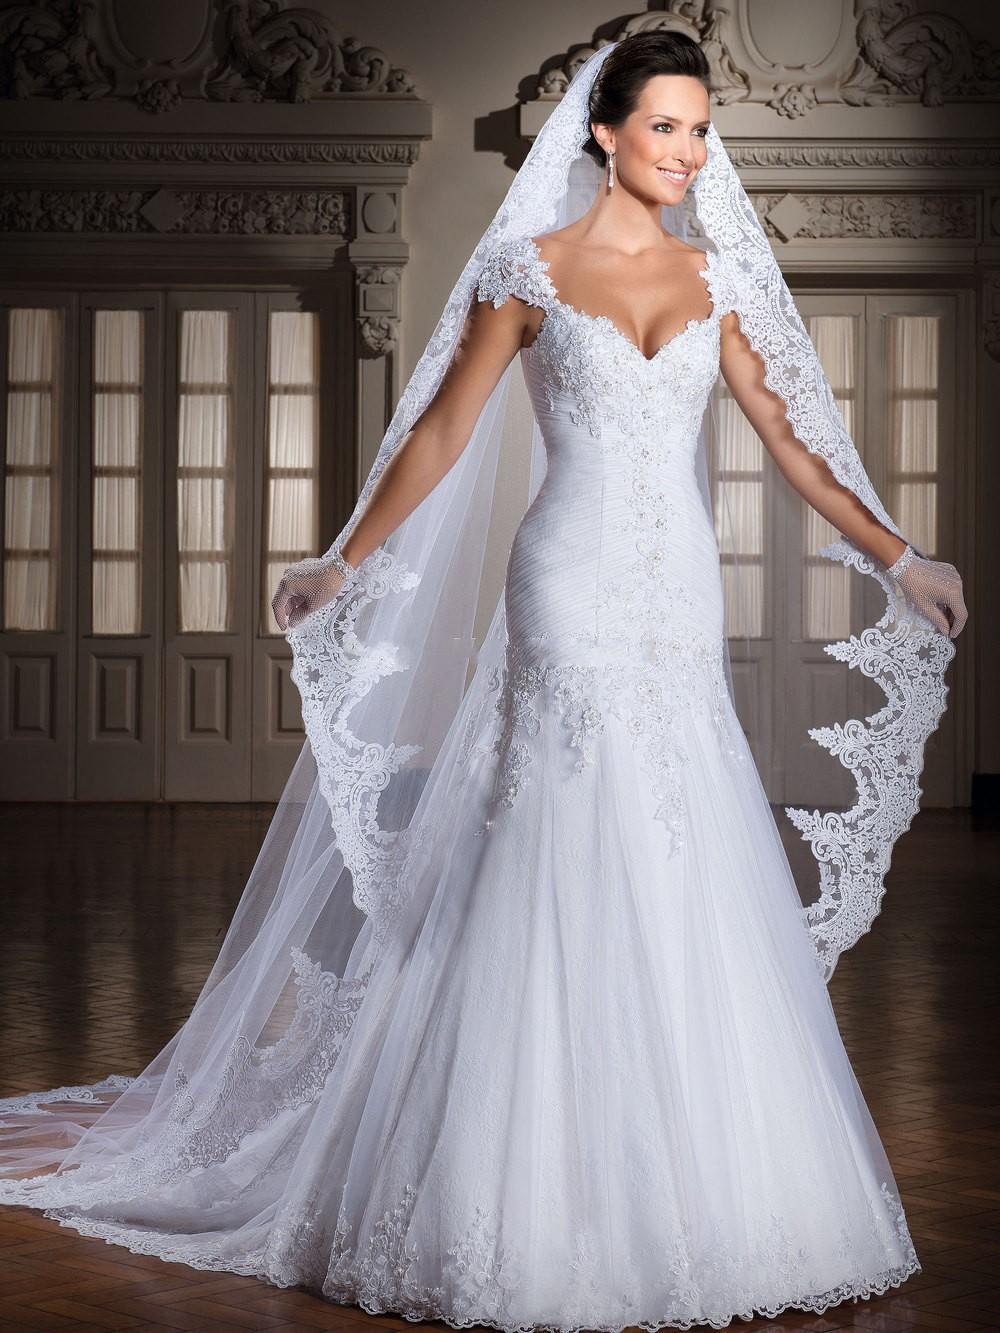 De novia de imágenes vestidos buscar La colección